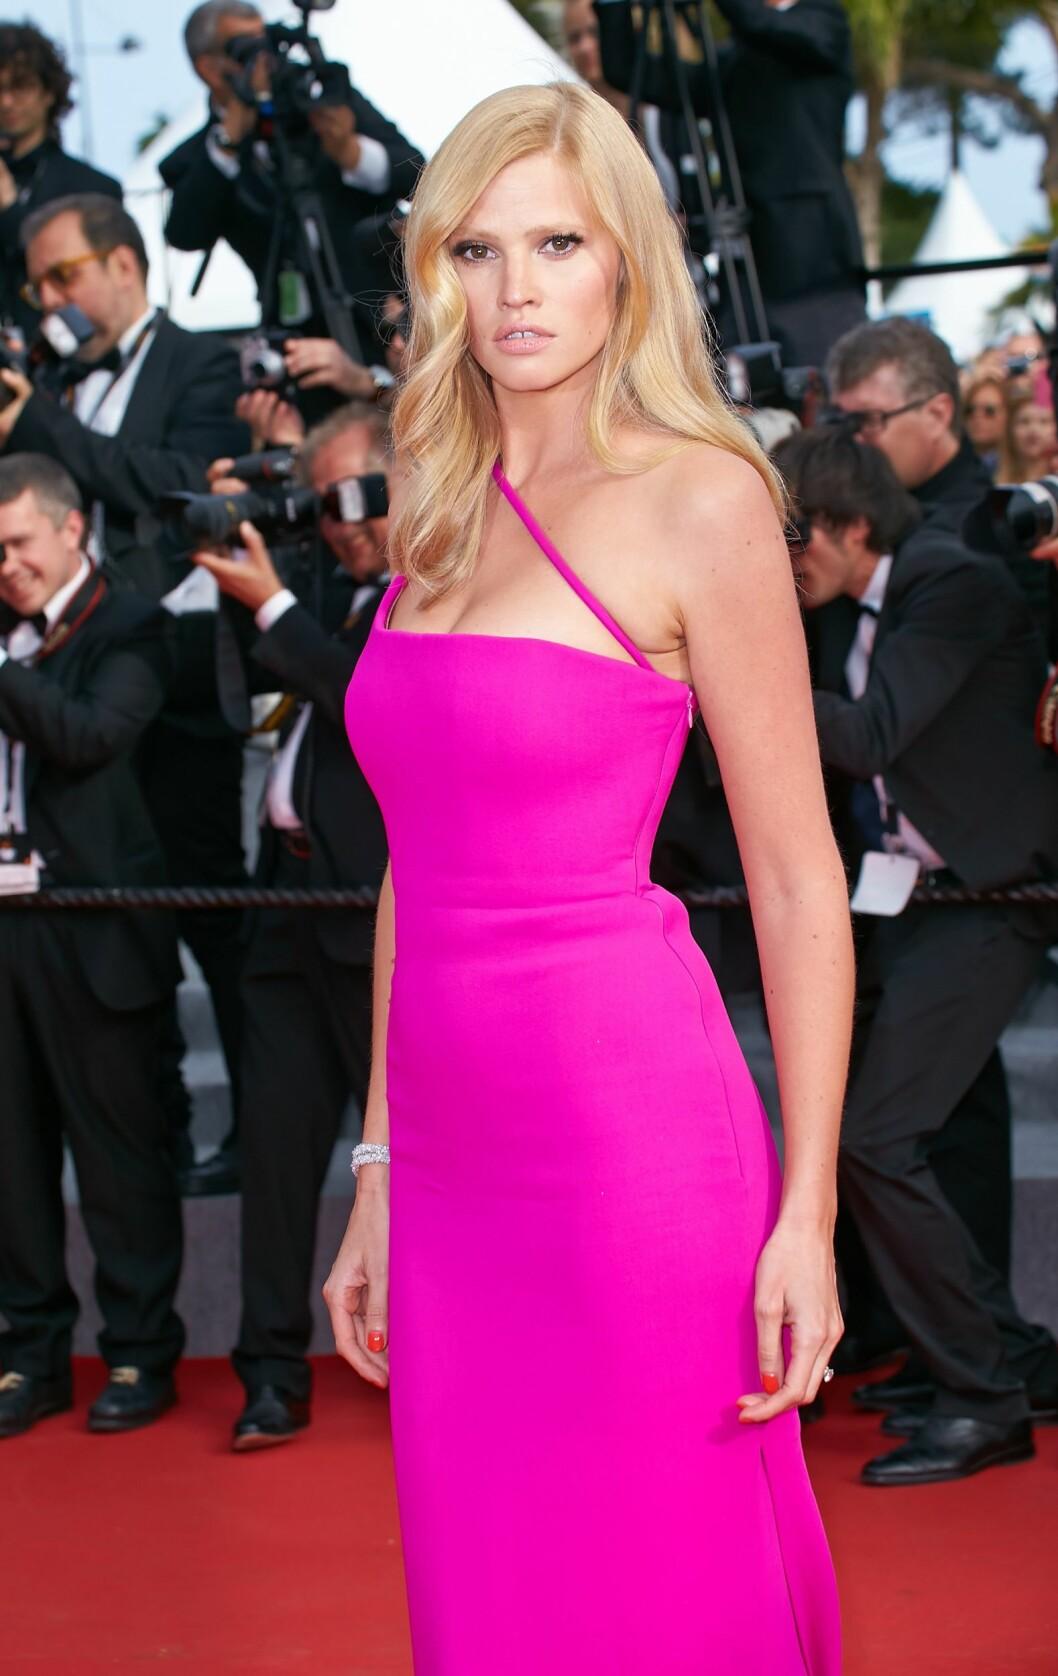 SKJØNNHET: Lara Stone har alltid vært kjent for sine flotte former, og noen hengepupper var det ikke så lett å få øye på i Cannes i mai.   Foto: Action press/All Over Press